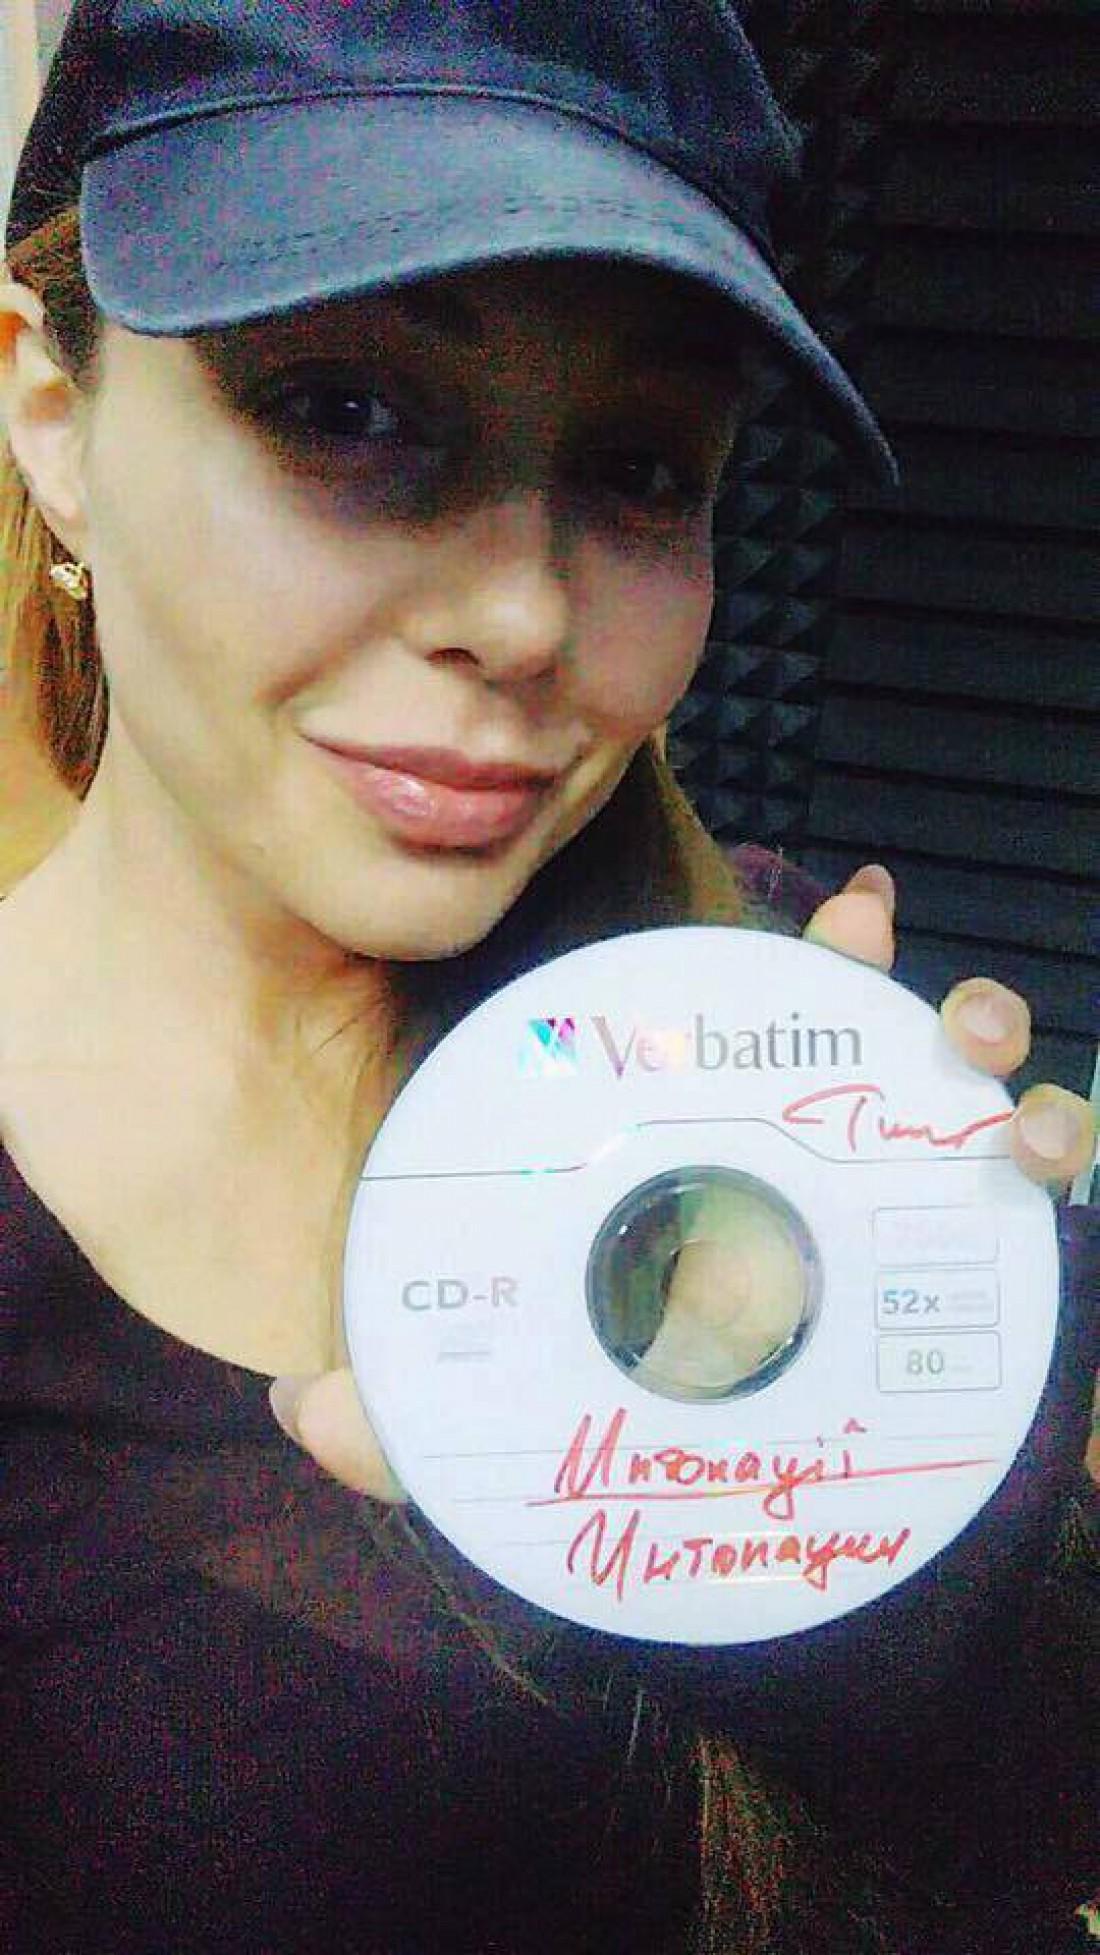 Тина Кароль выпустила новый альбом Интонации (ВИДЕО)